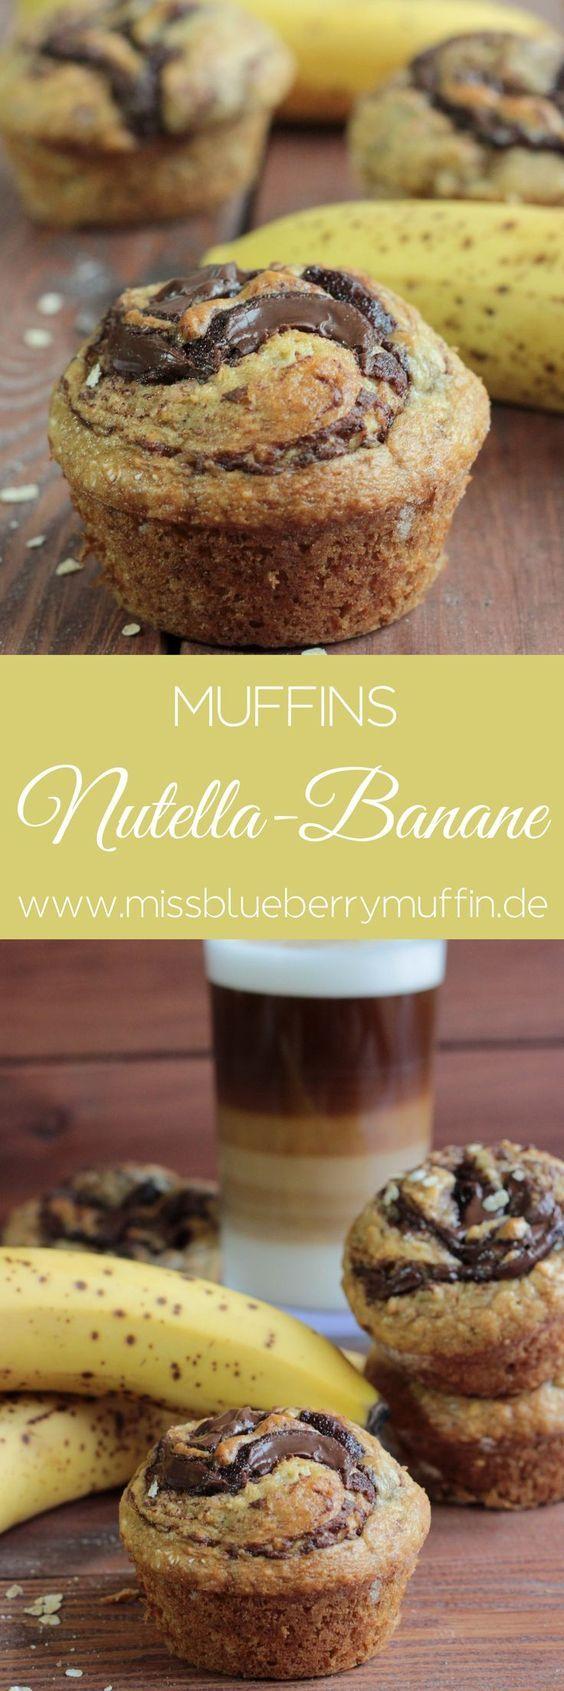 Perfekt fürs Frühstück: Muffins mit Nutalle und Banane! So hübsch und lecker und sind fix zusammen gerührt! ♥️